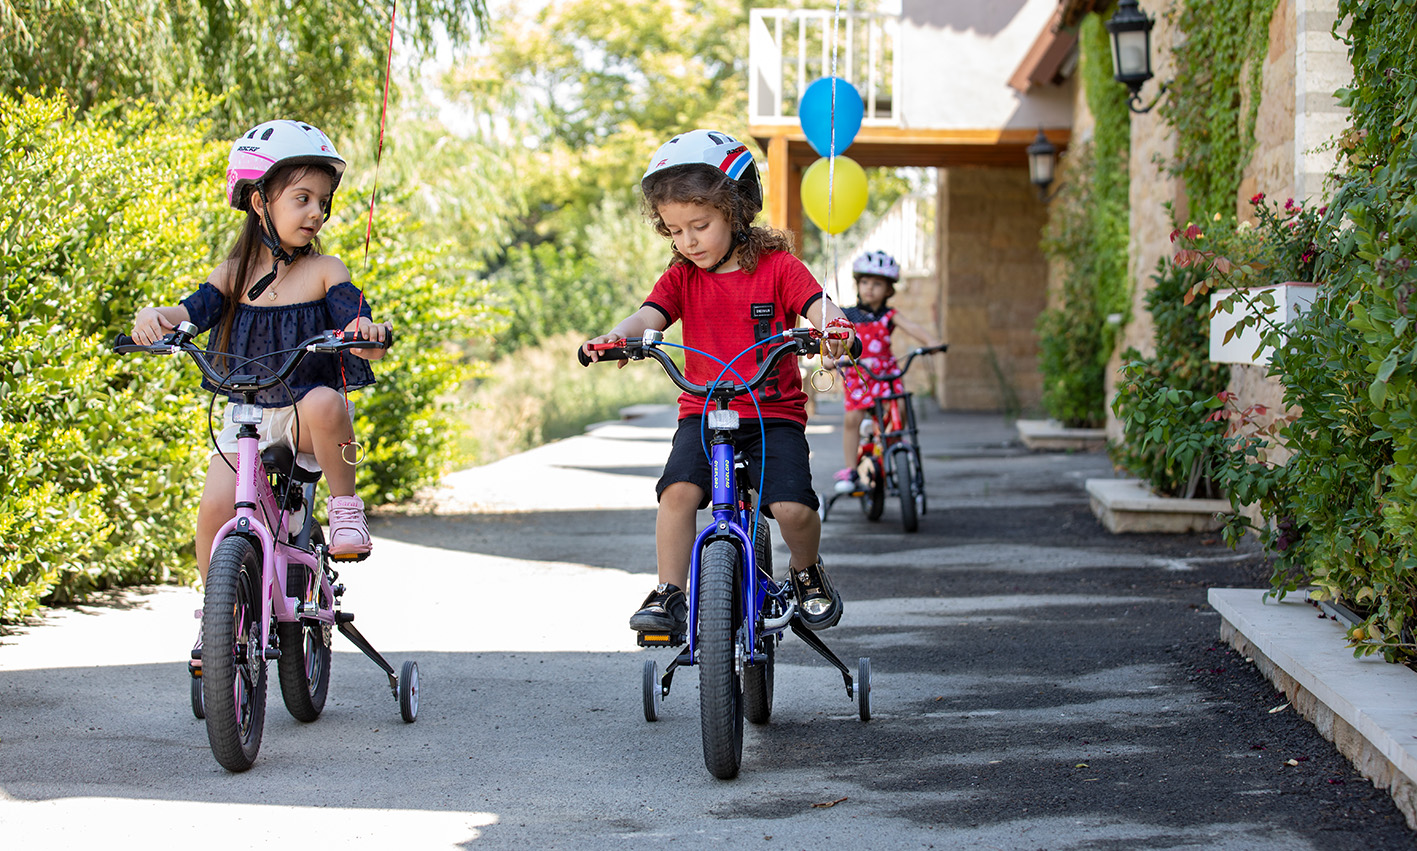 بچه ها در حال بازی با دوچرخه اورلرد